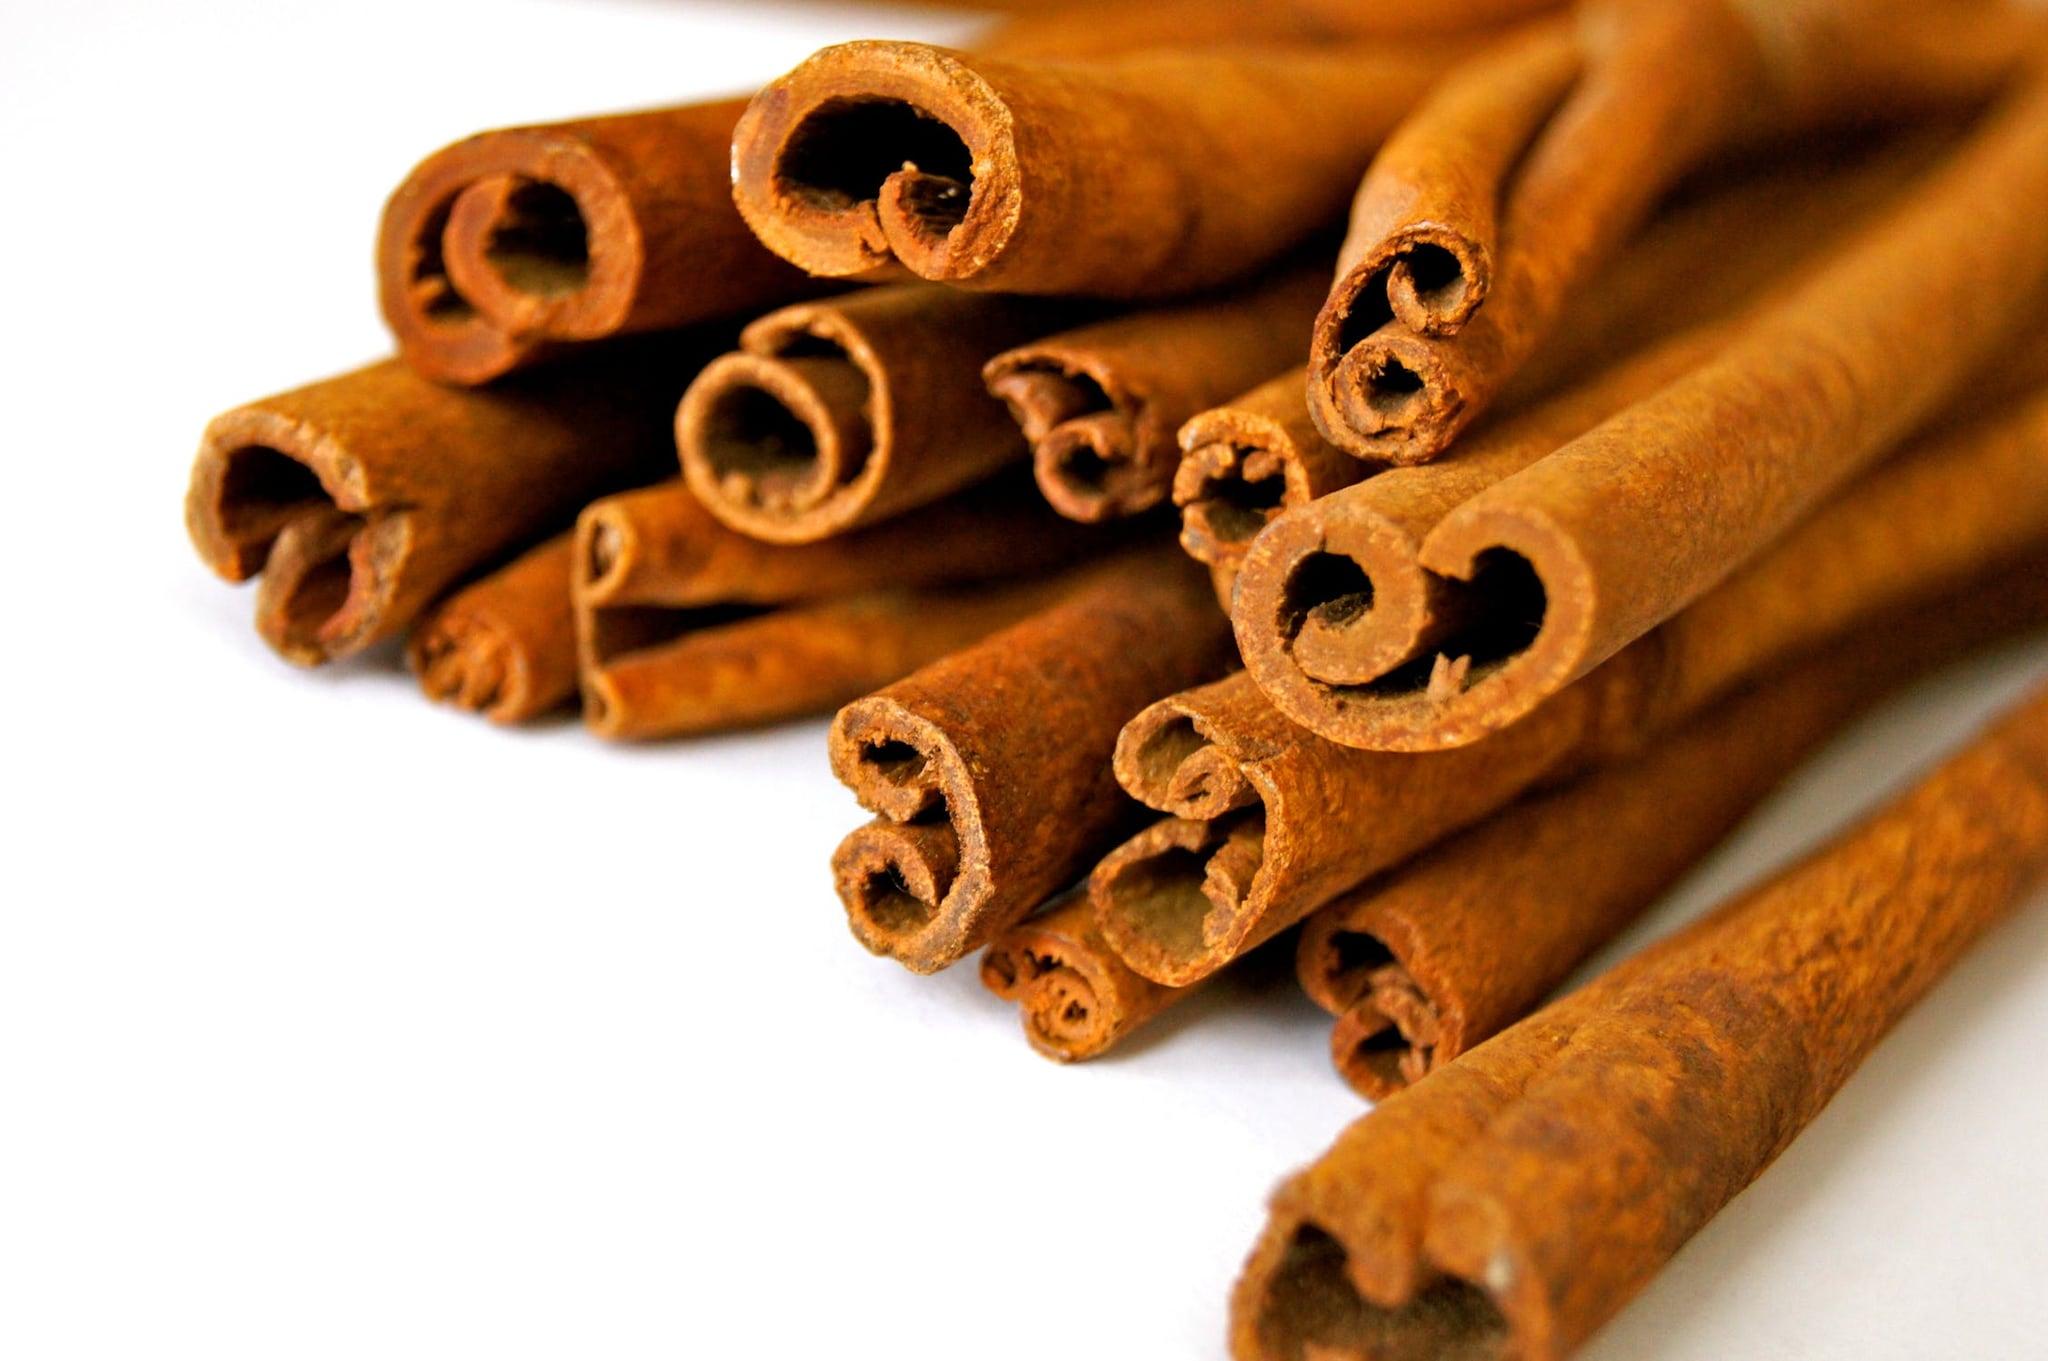 2. Cinnamon : దాల్చిన చెక్కతో చాలా ఆరోగ్య ప్రయోజనాలున్నాయి. ఇది PCODకి చాలా మంచిది. అలాగే బరువు తగ్గేందుకు, డయాబెటిస్ తగ్గేందుకు, గుండె జబ్బులు రాకుండా ఉండేందుకు ఇలా చాలా లాభాలున్నాయి. భోజనం తర్వాత రక్తంలో కలిసే గ్లూకోజ్ లెవెల్స్ని కంట్రోల్ చెయ్యడంలో దాల్చిన చెక్క బాగా ఉపయోగపడుతుంది.